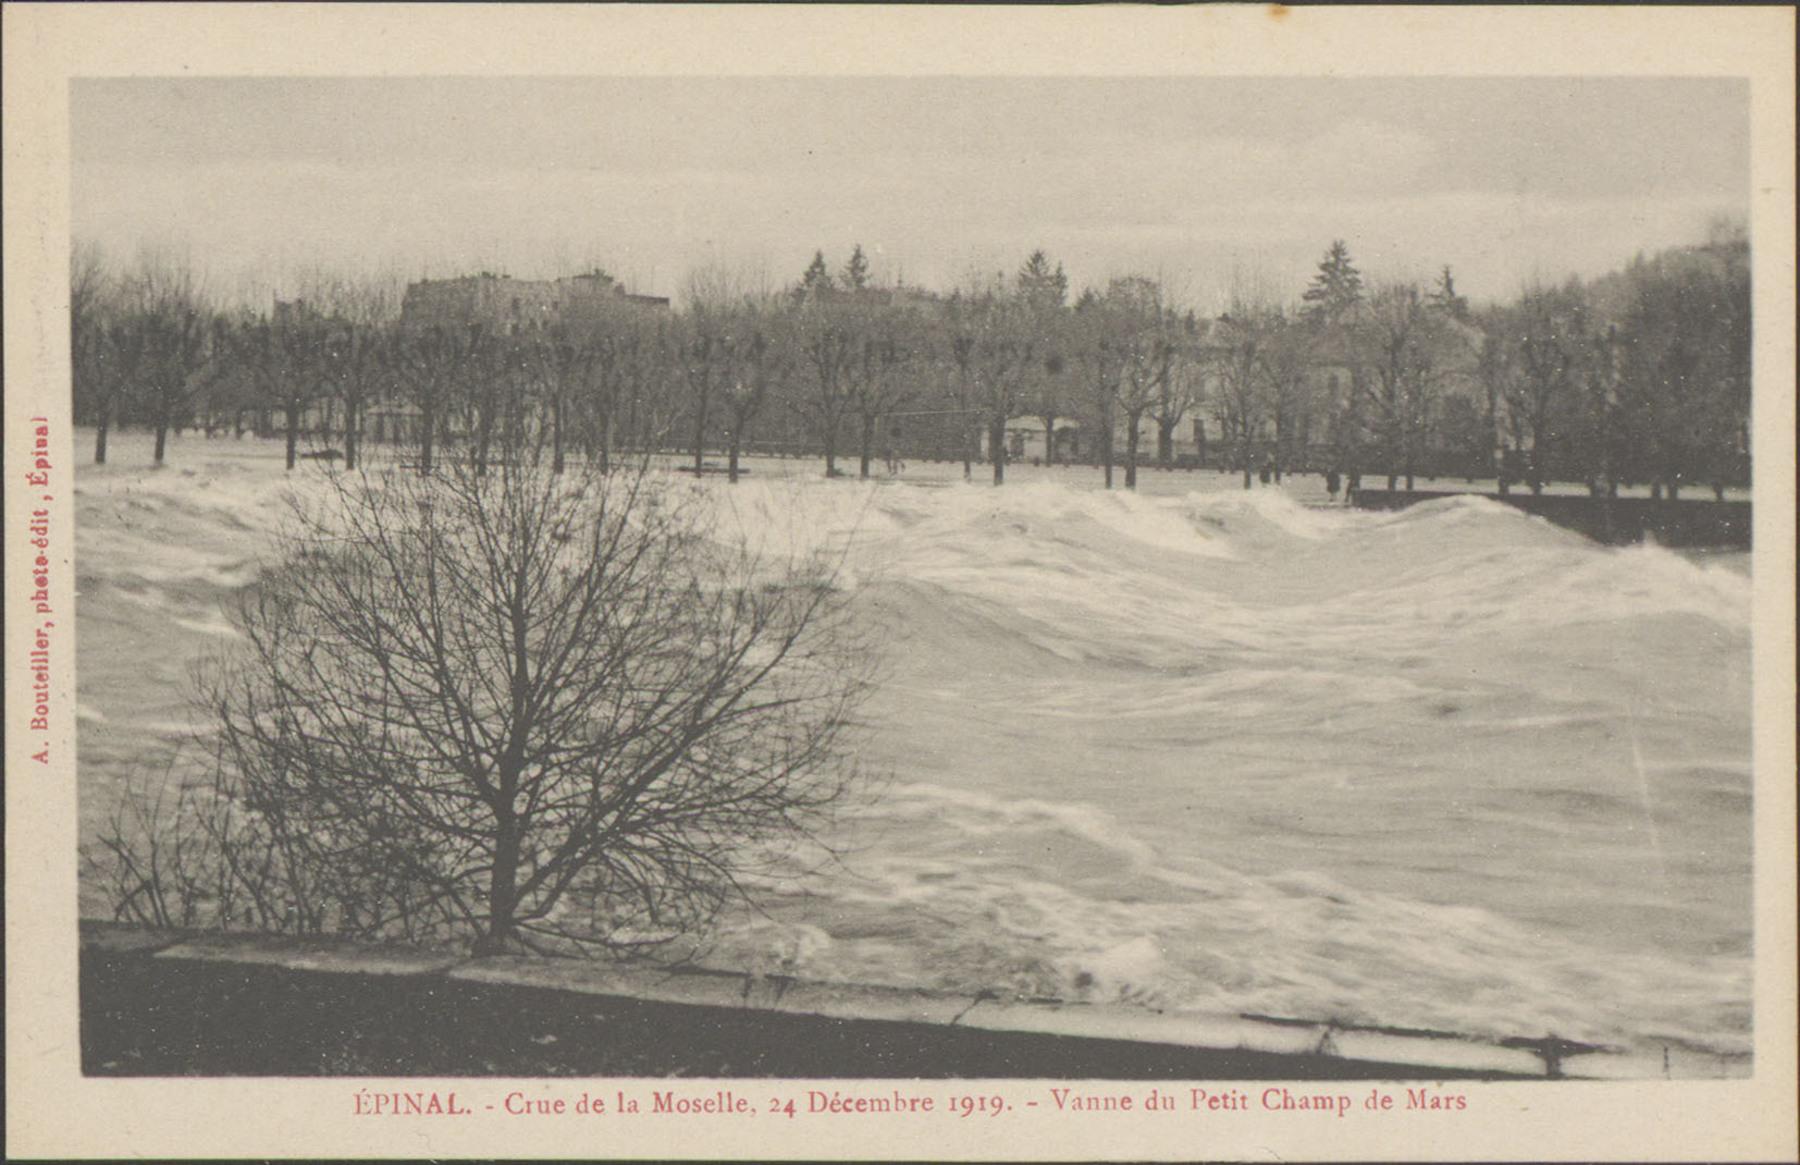 Contenu du Épinal, Crue de la Moselle, 24 décembre 1919, Vanne du Petit Champ de Mars